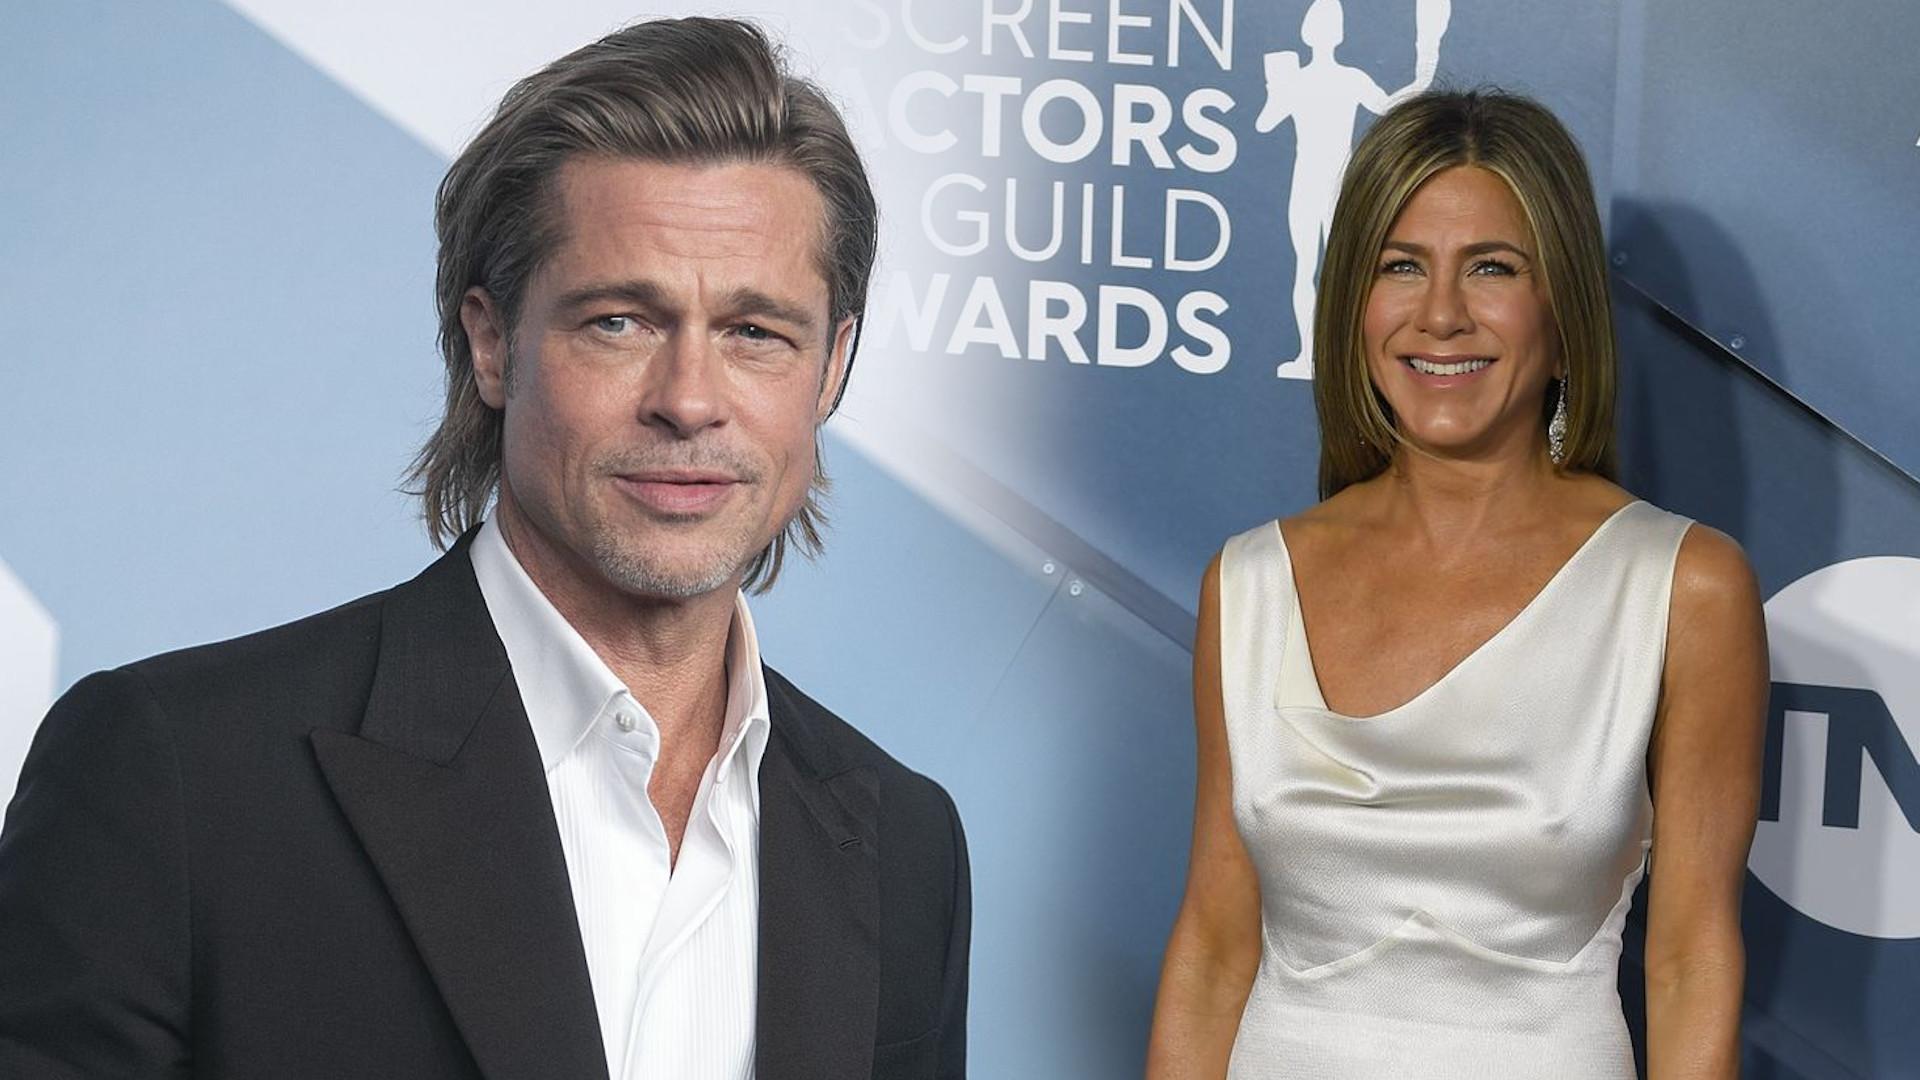 Pitt z ZACIEKAWIENIEM oglądał przemówienie Aniston. Co na to aktorka?